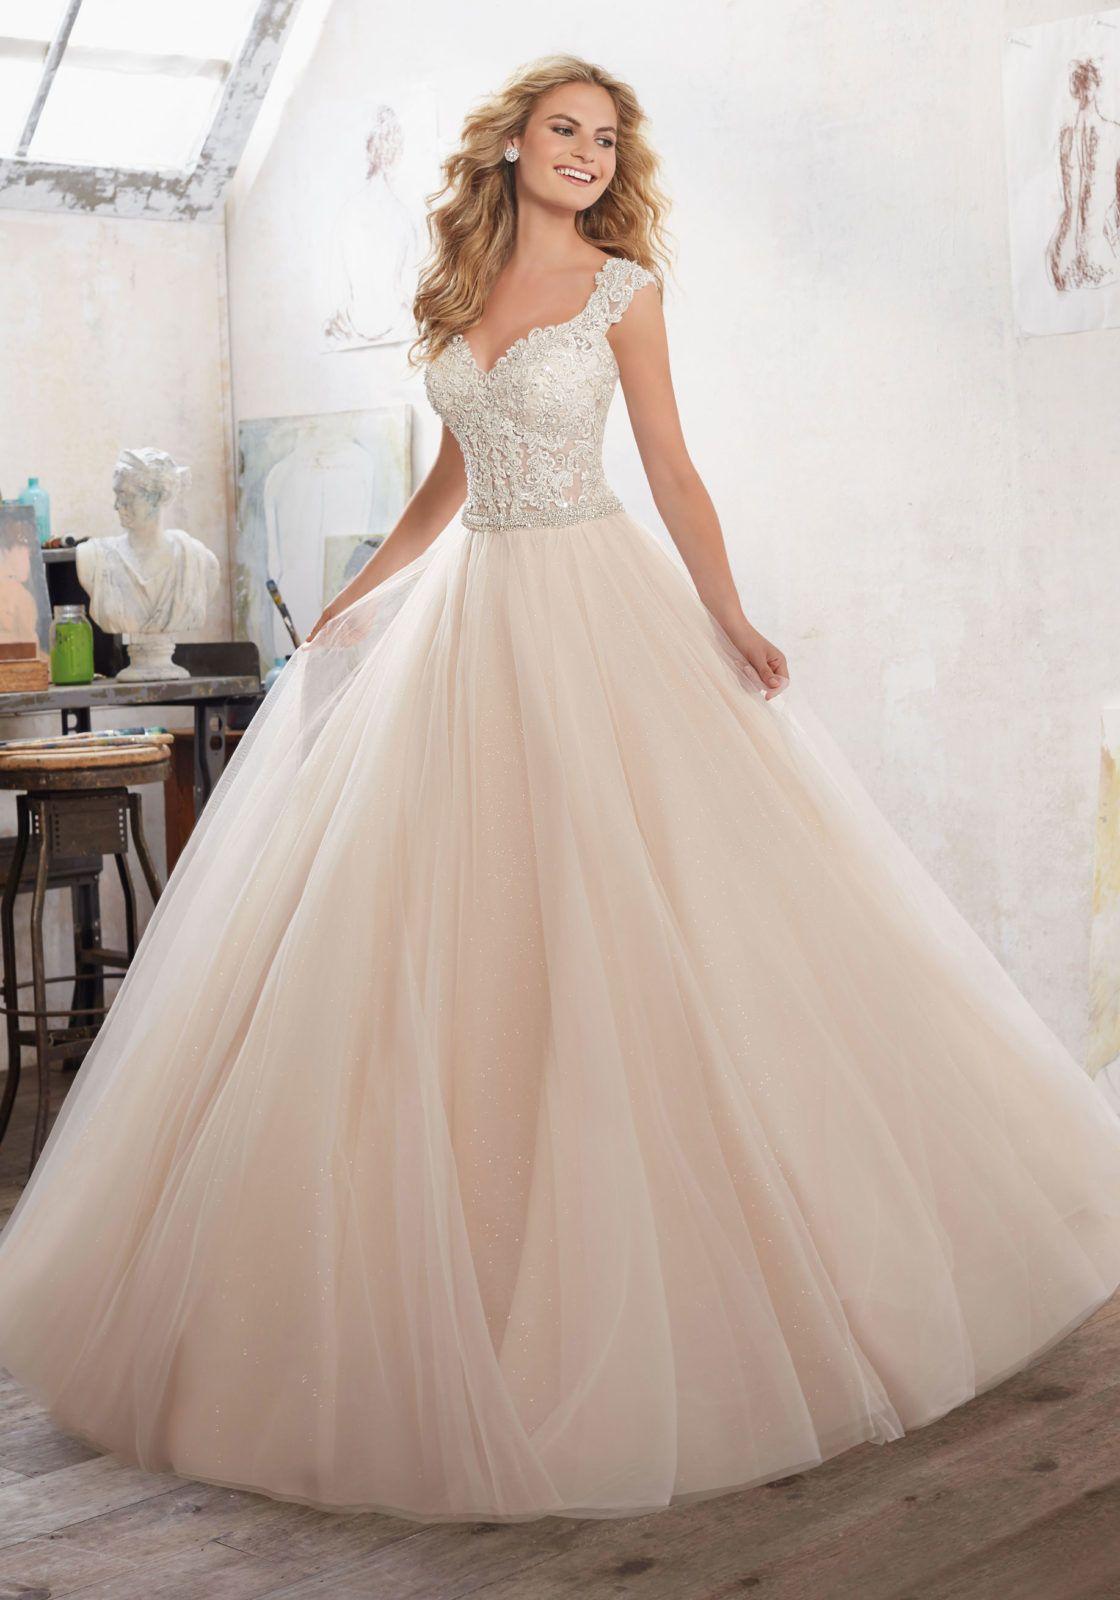 a6286261e19f MoriLee Marigold 8126 – Anina Brud & Festspecialisten  Bröllopsklänningsstilar, Brudskor, Brudklänningar 2018, Drömklänning